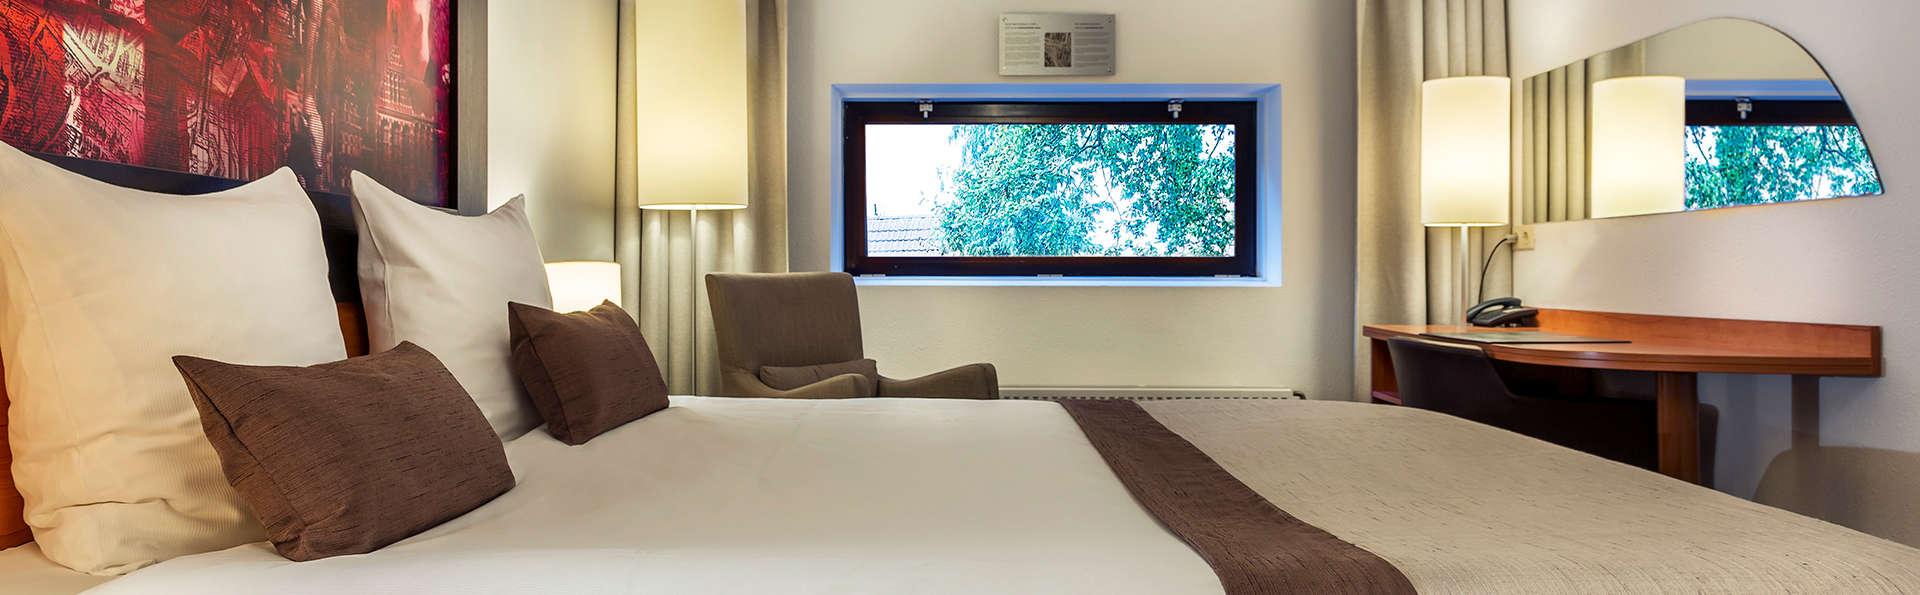 Overnacht in een mooi hotel in hartje Groningen